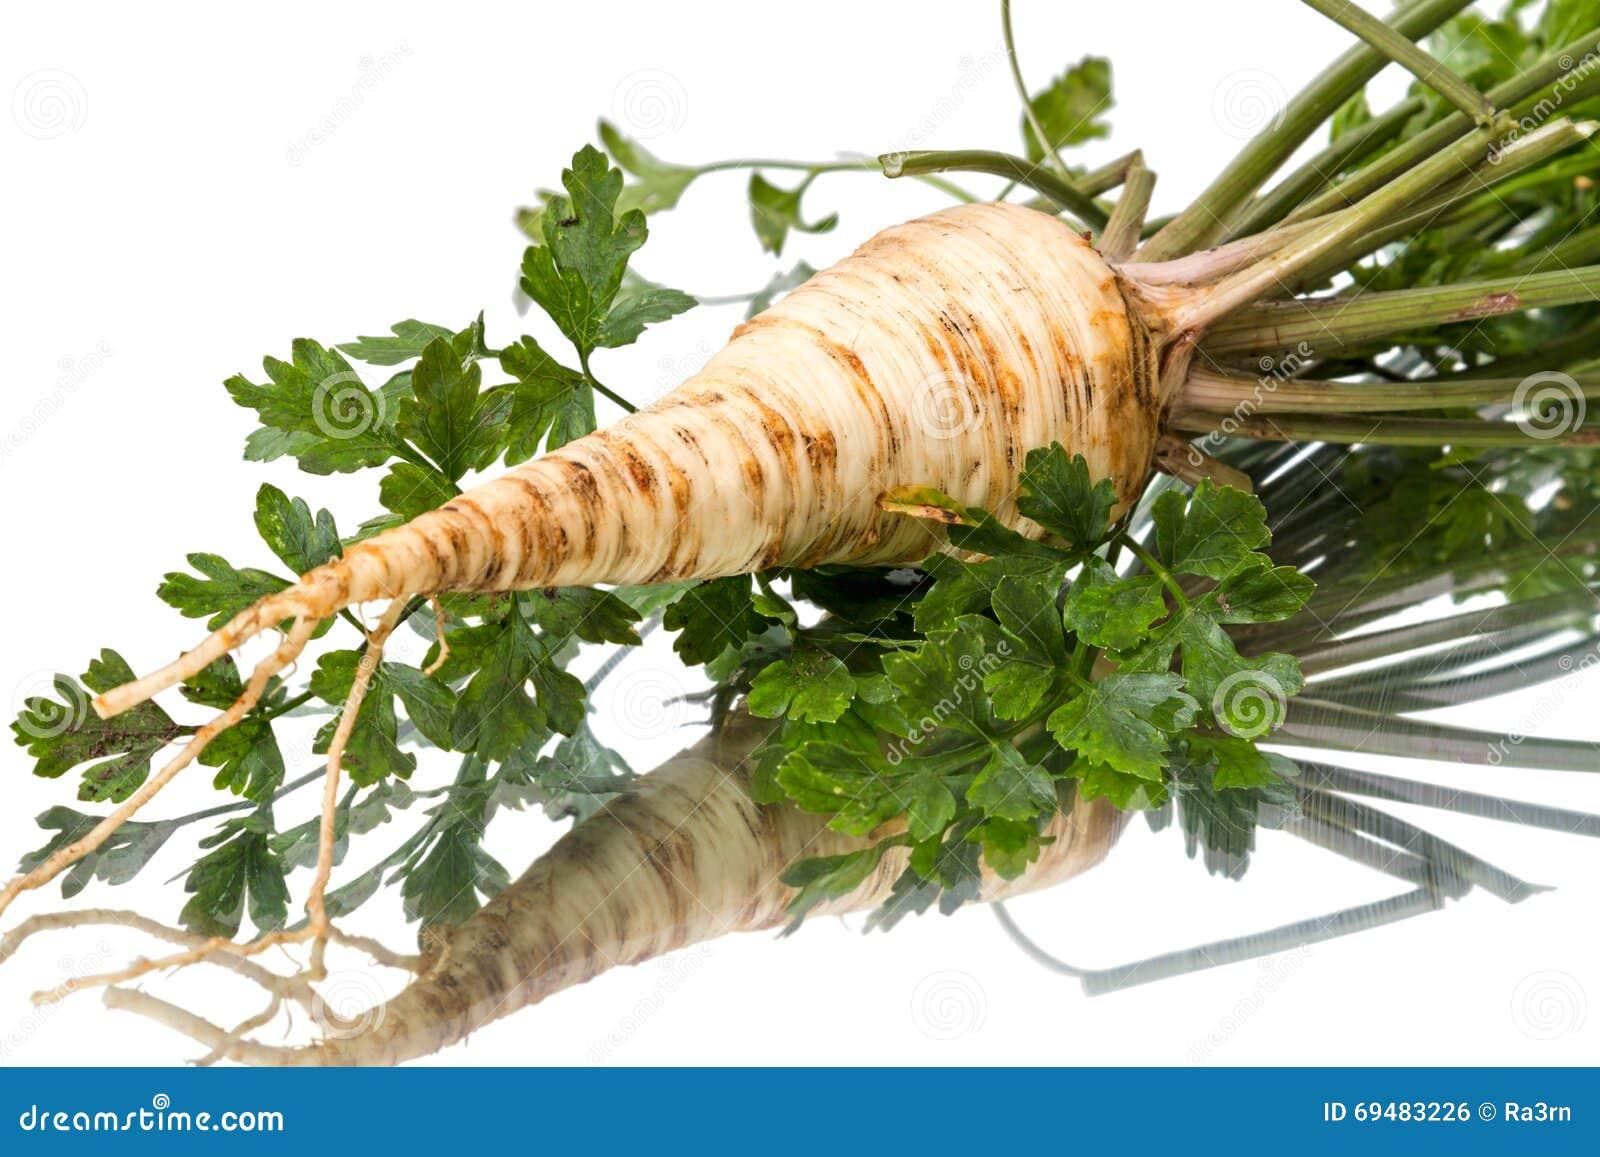 как выглядит корень петрушки